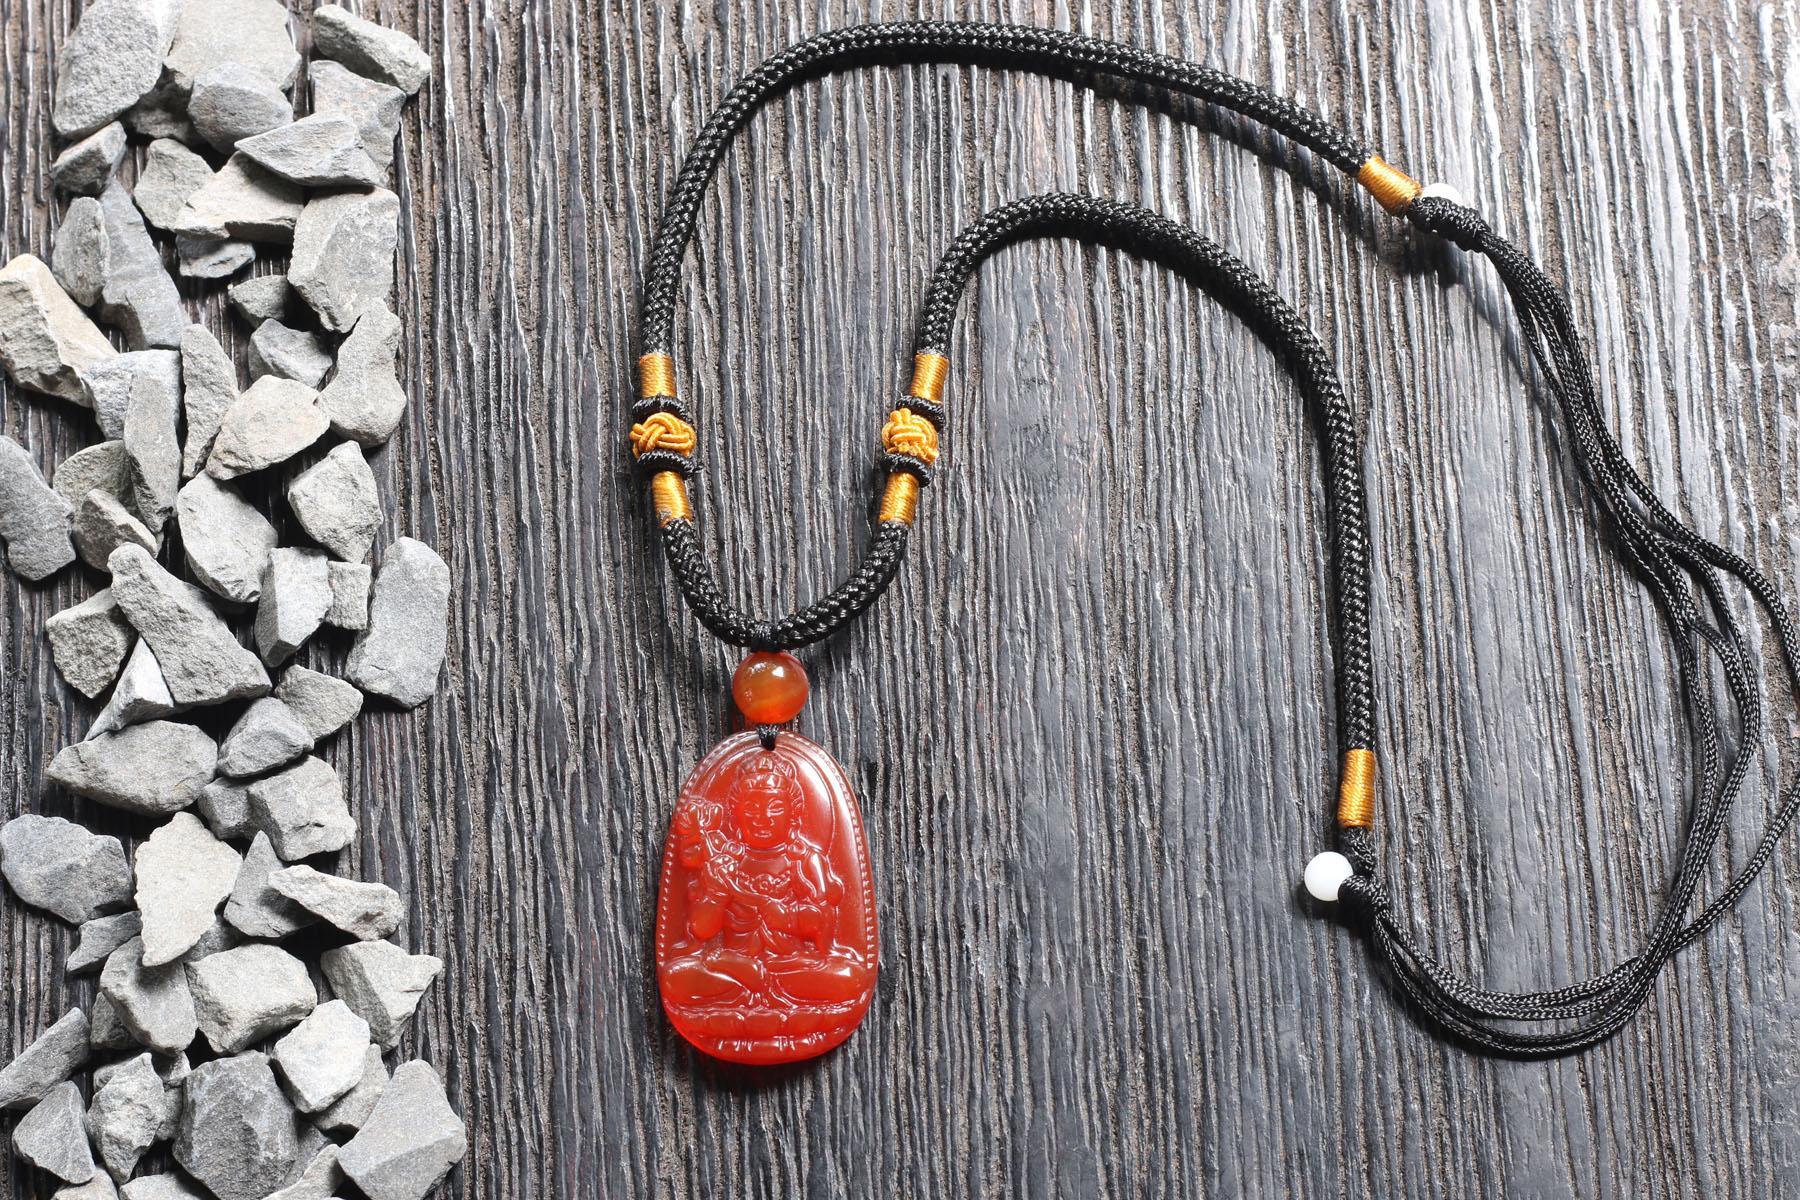 Mặt dây chuyền Đại Thế Chí Bồ Tát Mã Não Đỏ 3.5x2.3cm - Tặng dây đeo